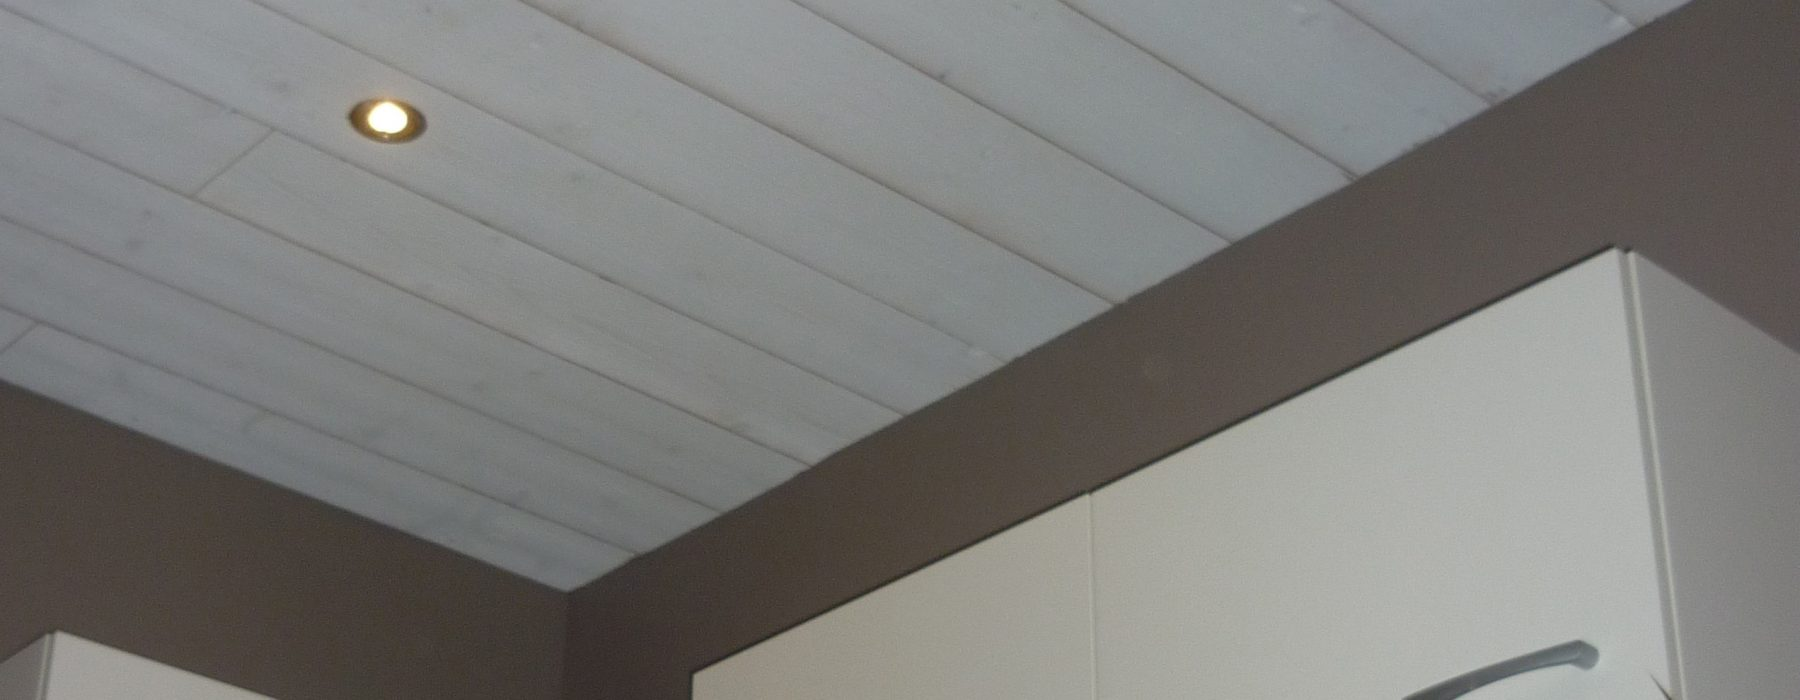 Lambris pvc blanc brillant pour plafond cool merveilleux - Lambris pvc blanc brillant pour plafond ...